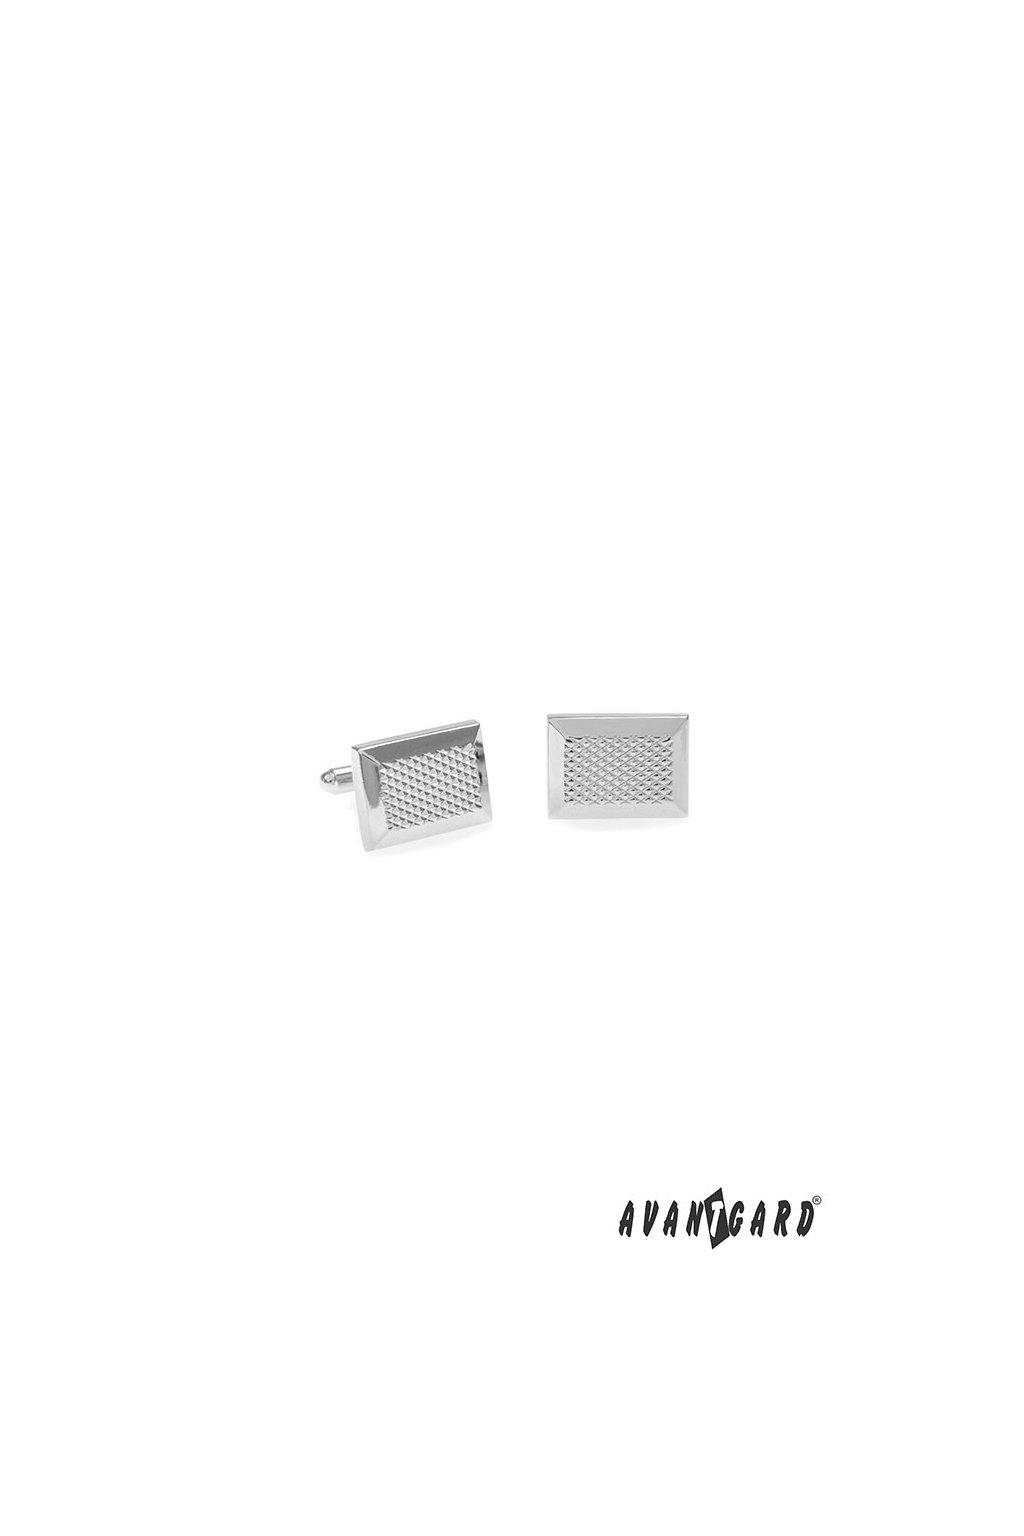 Manžetové knoflíčky PREMIUM stříbrná lesk 573 - 20664